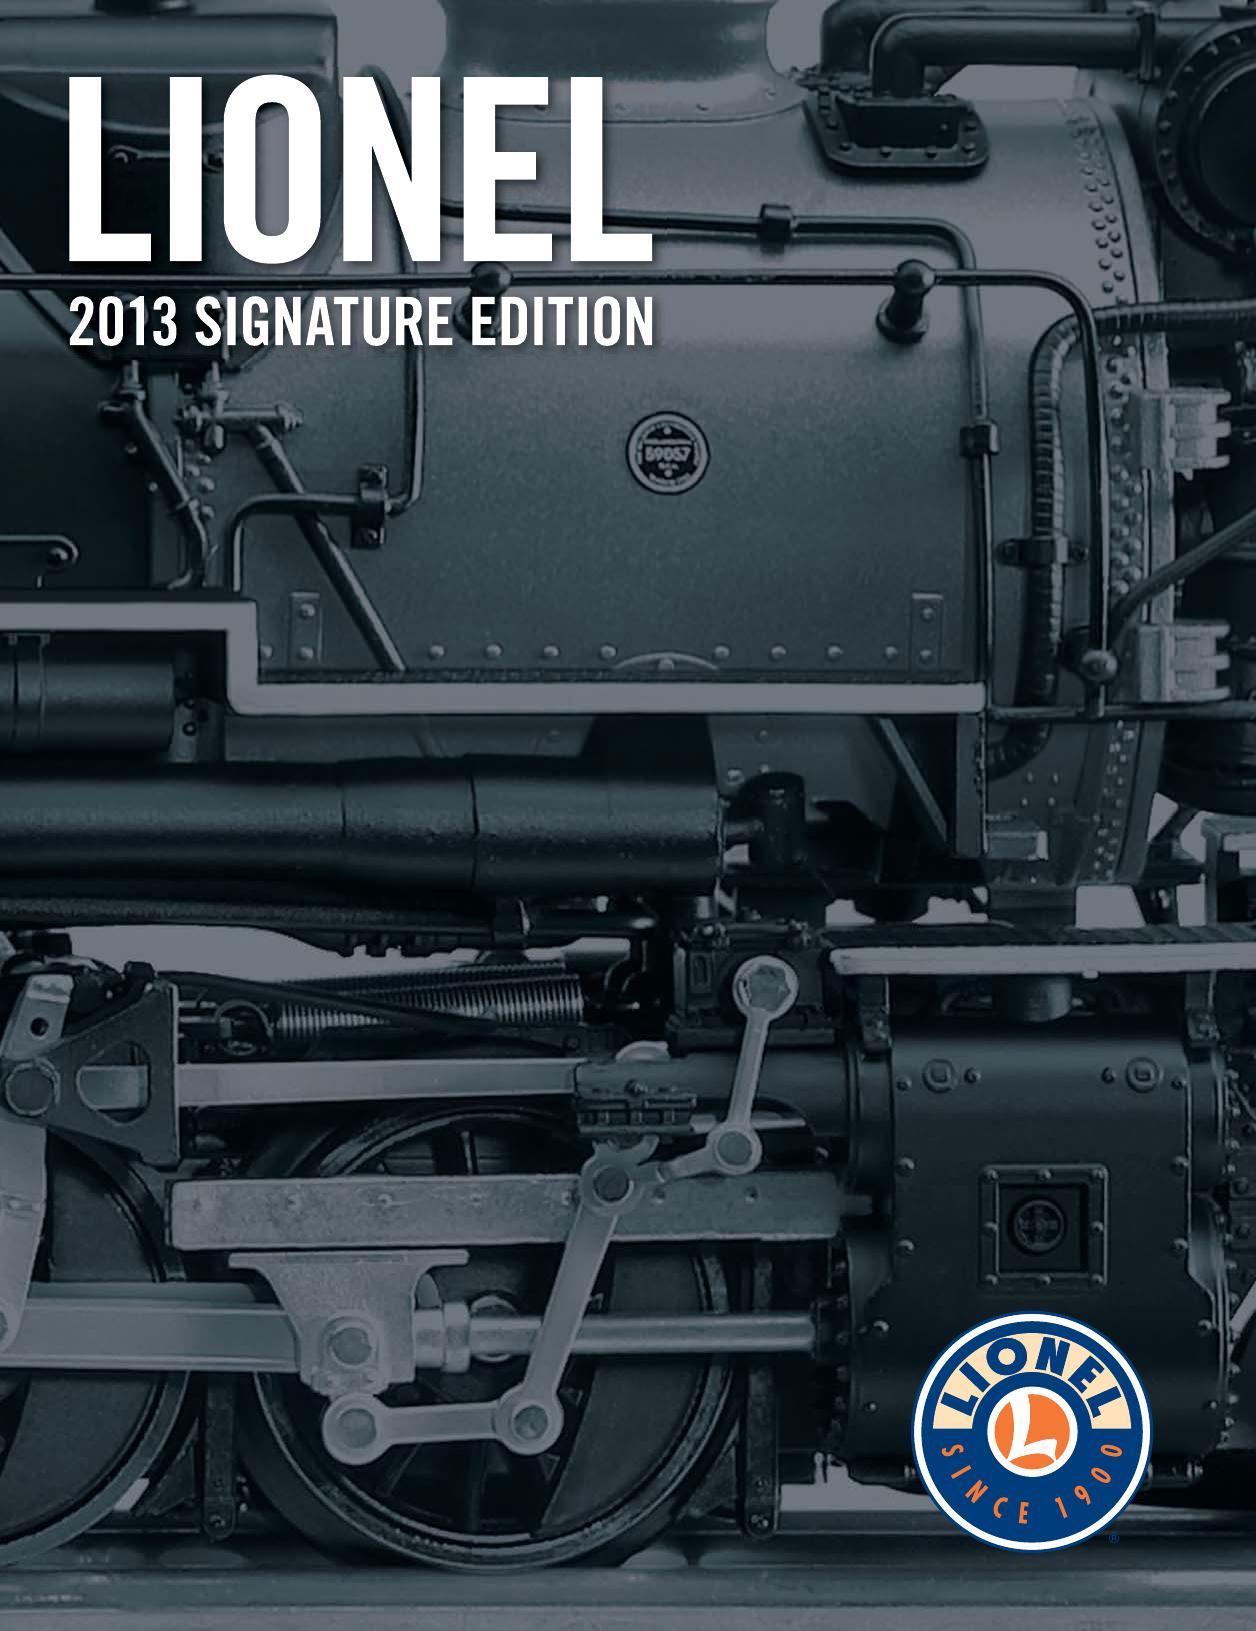 Lionel Catalogs - Signature Edition 2013